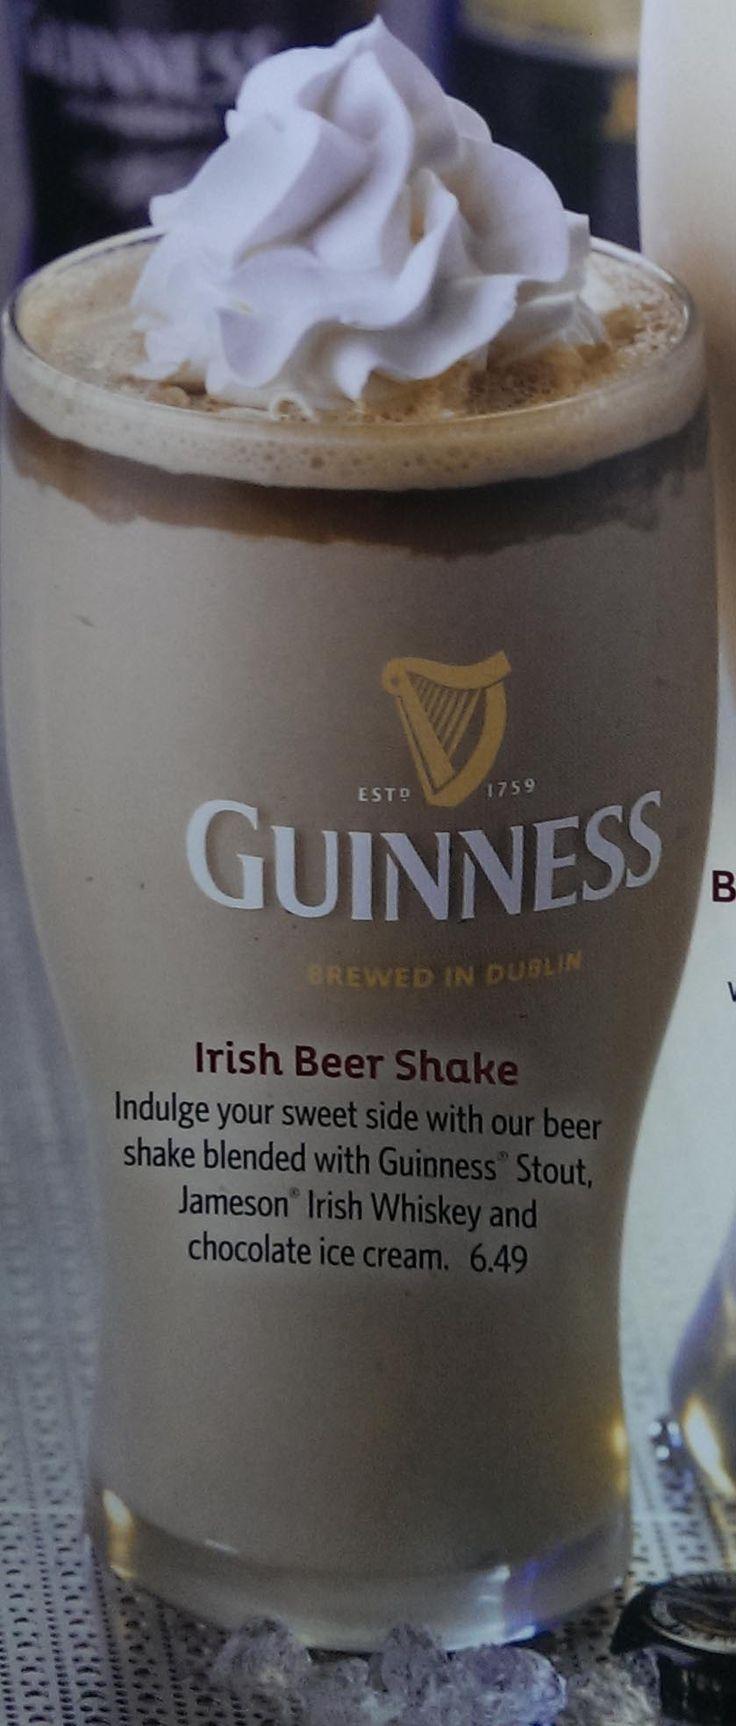 Irish Beer Shake: Guiness Stout, Jameson Irish Whiskey and chocolate ice cream